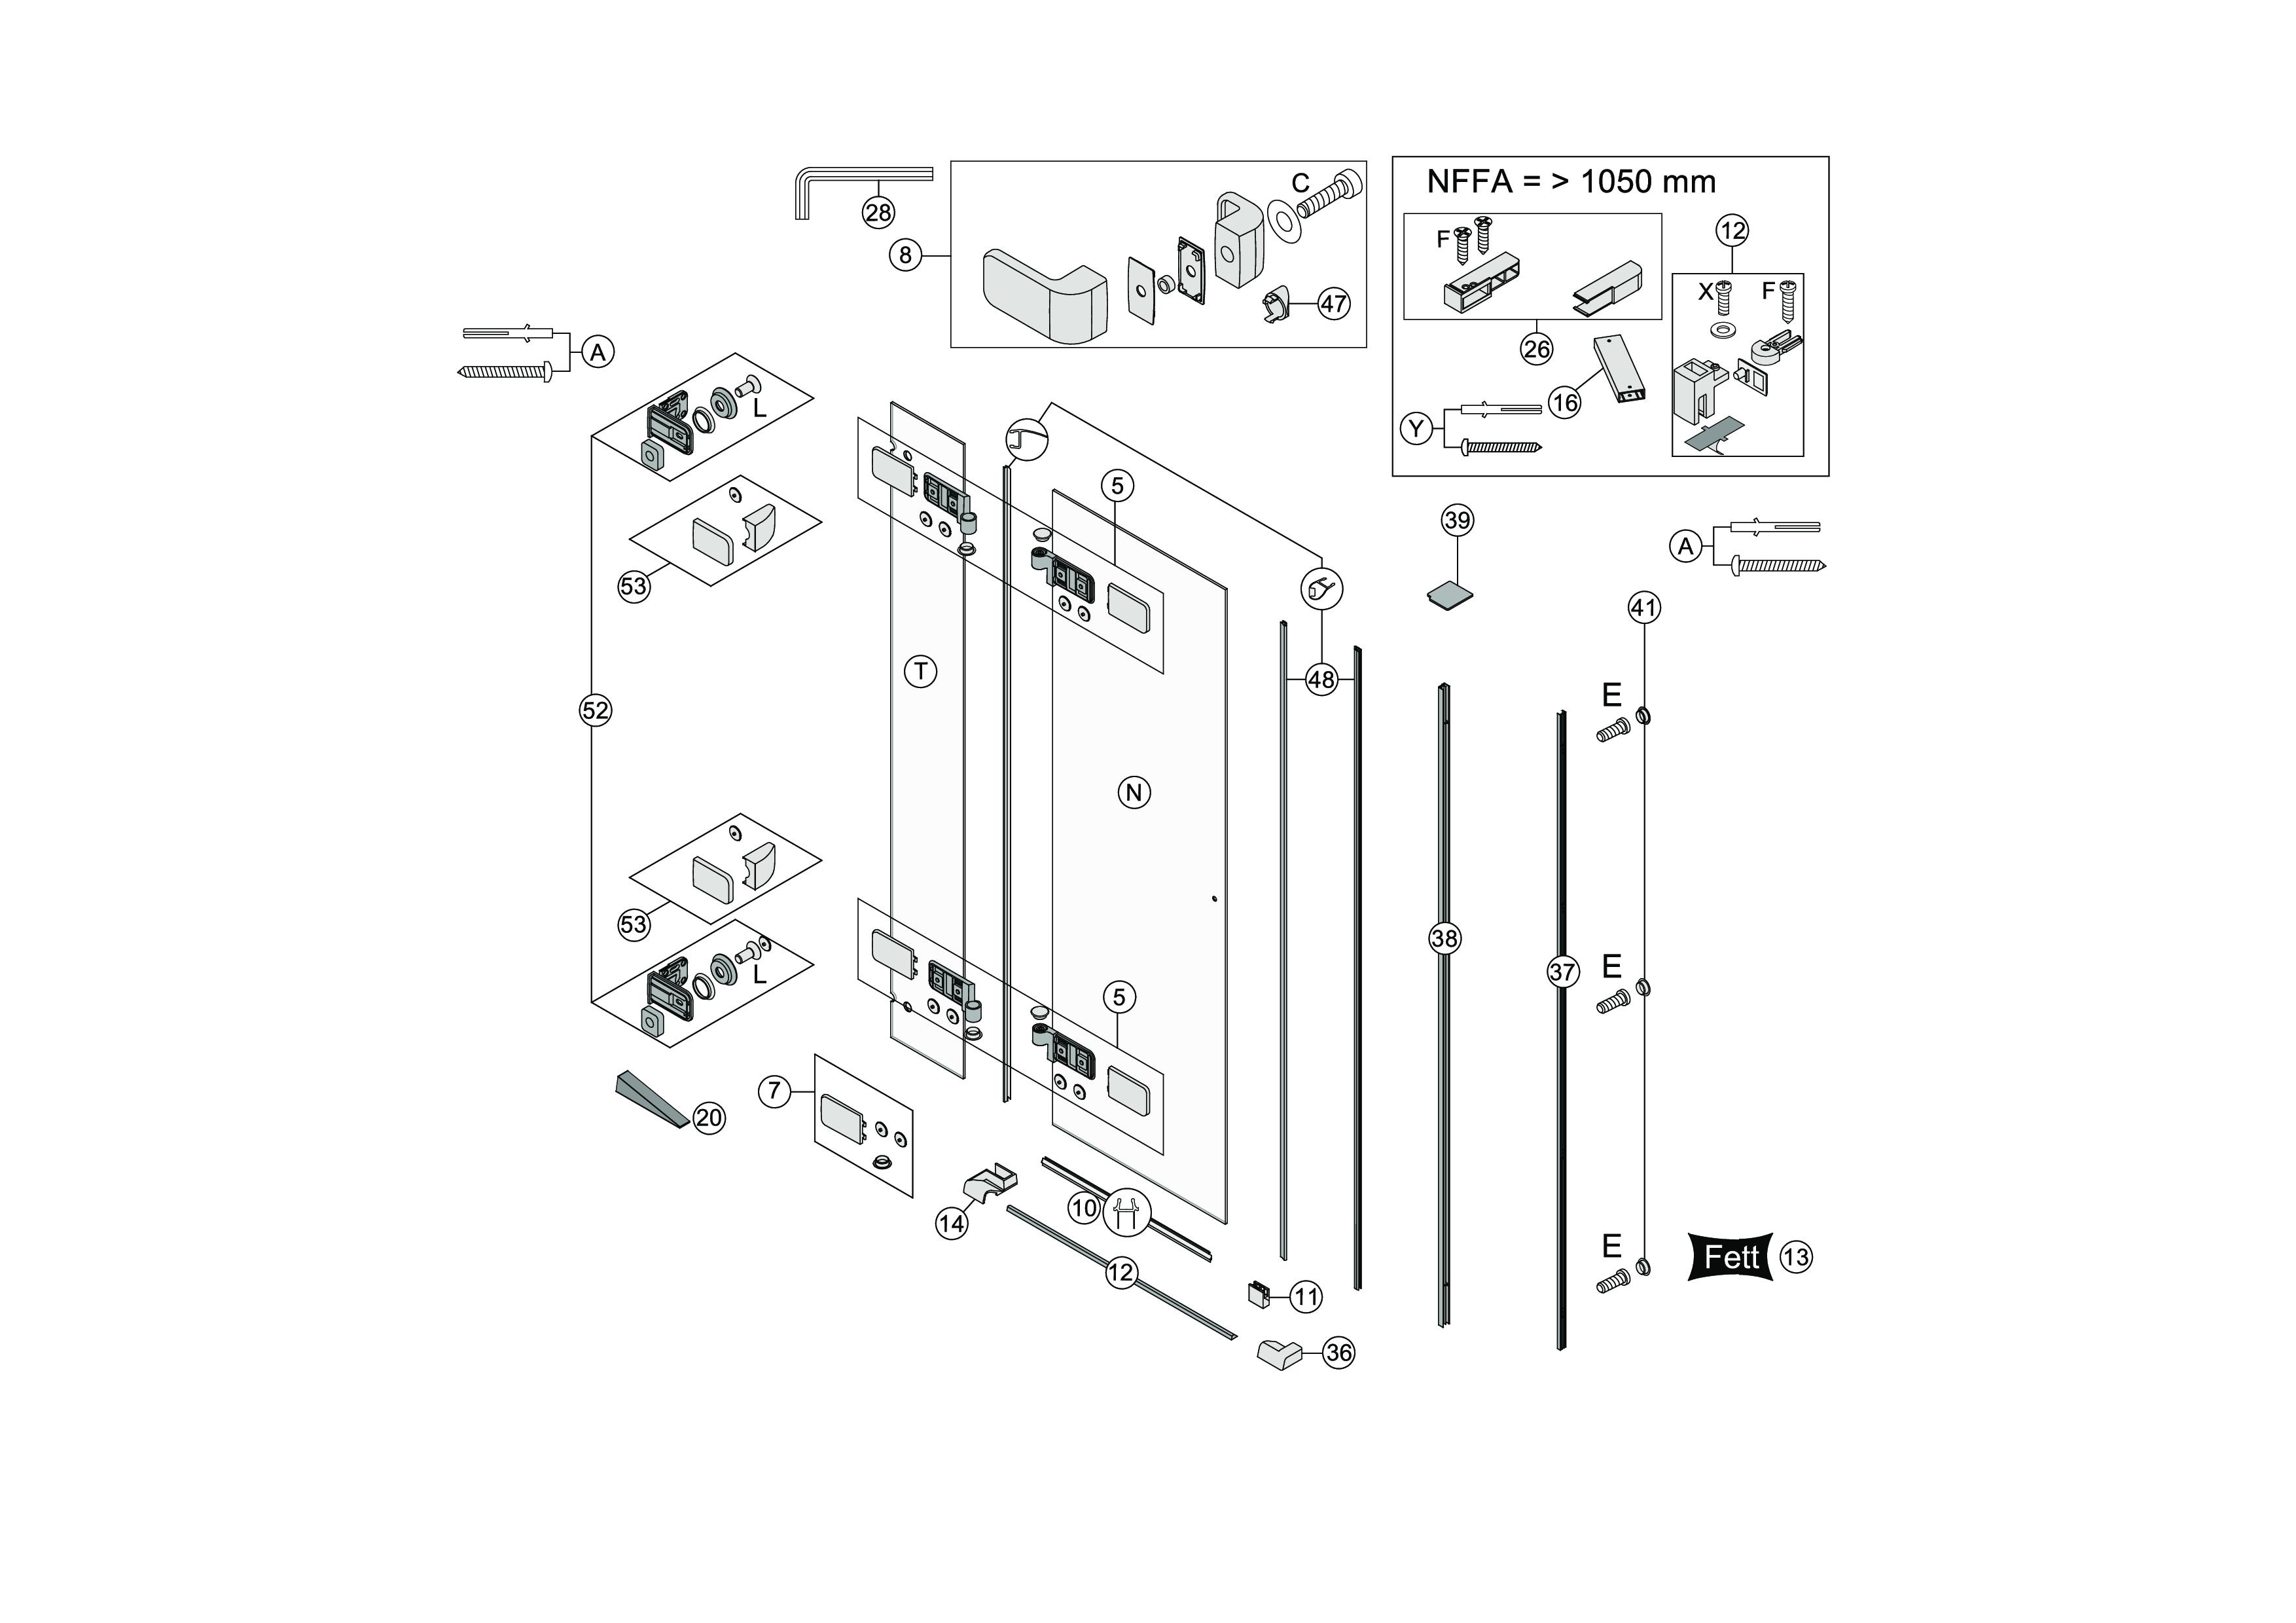 ersatzteile f r s505 fl gelt re mit festelement in nische bekon koralle ag. Black Bedroom Furniture Sets. Home Design Ideas